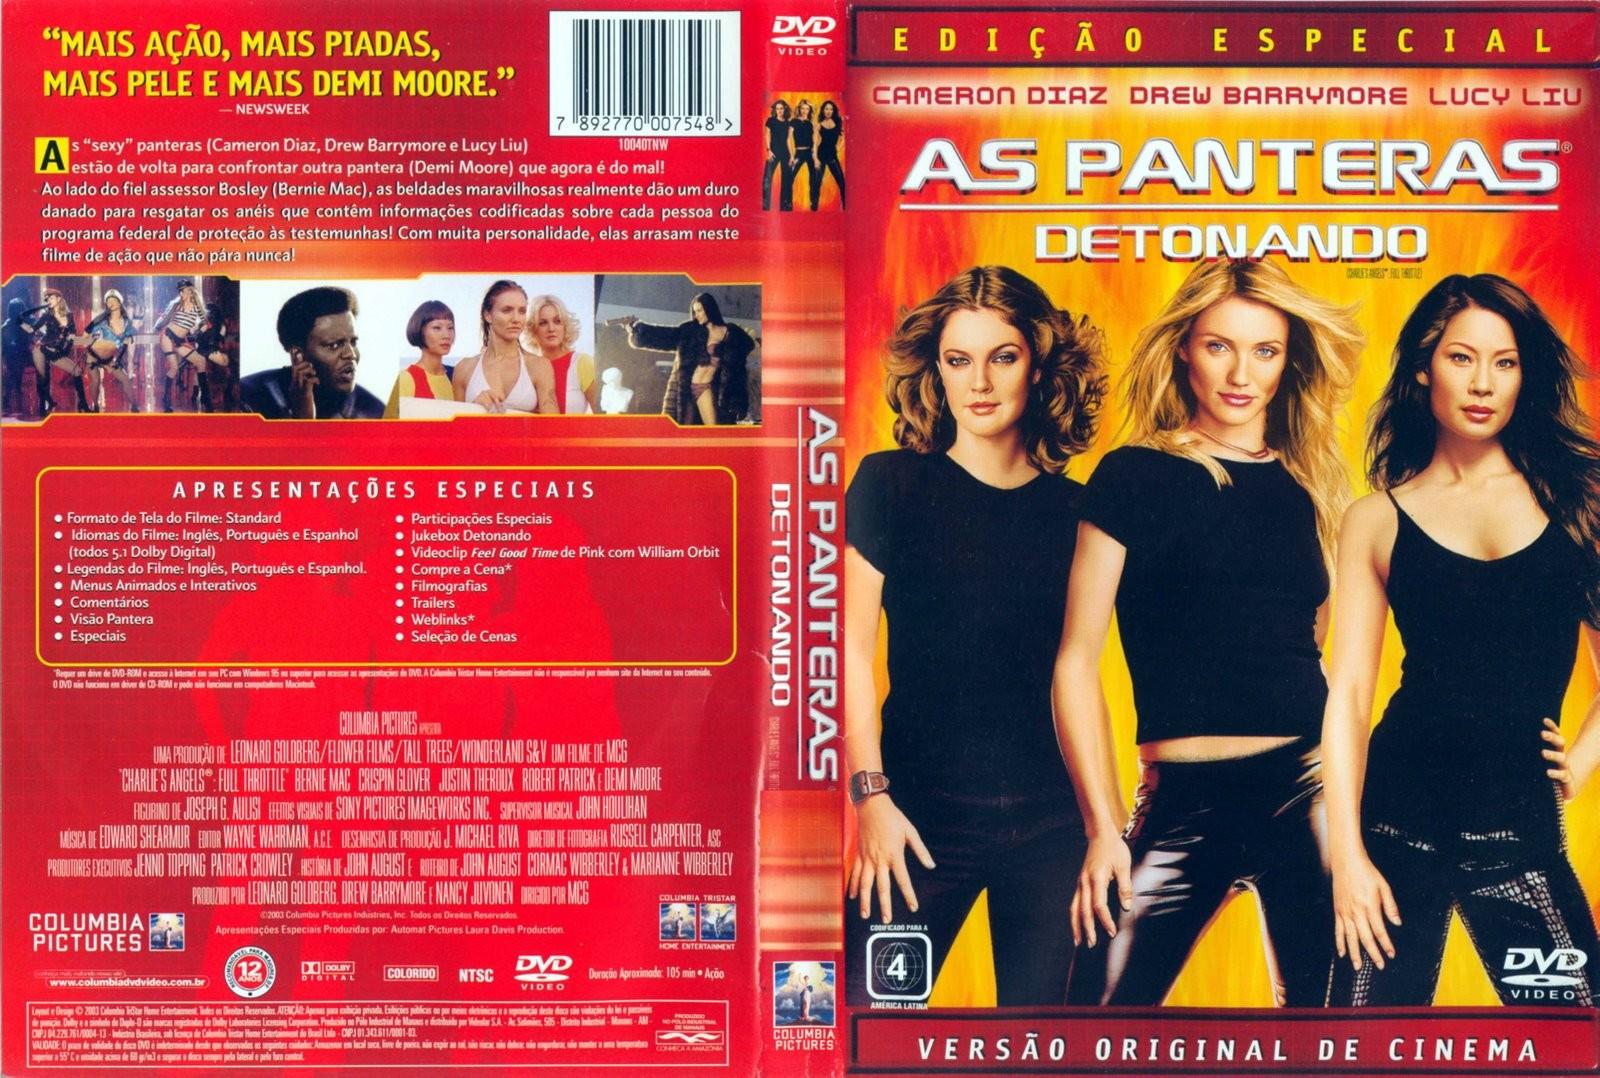 trilha sonora do filme as panteras detonando